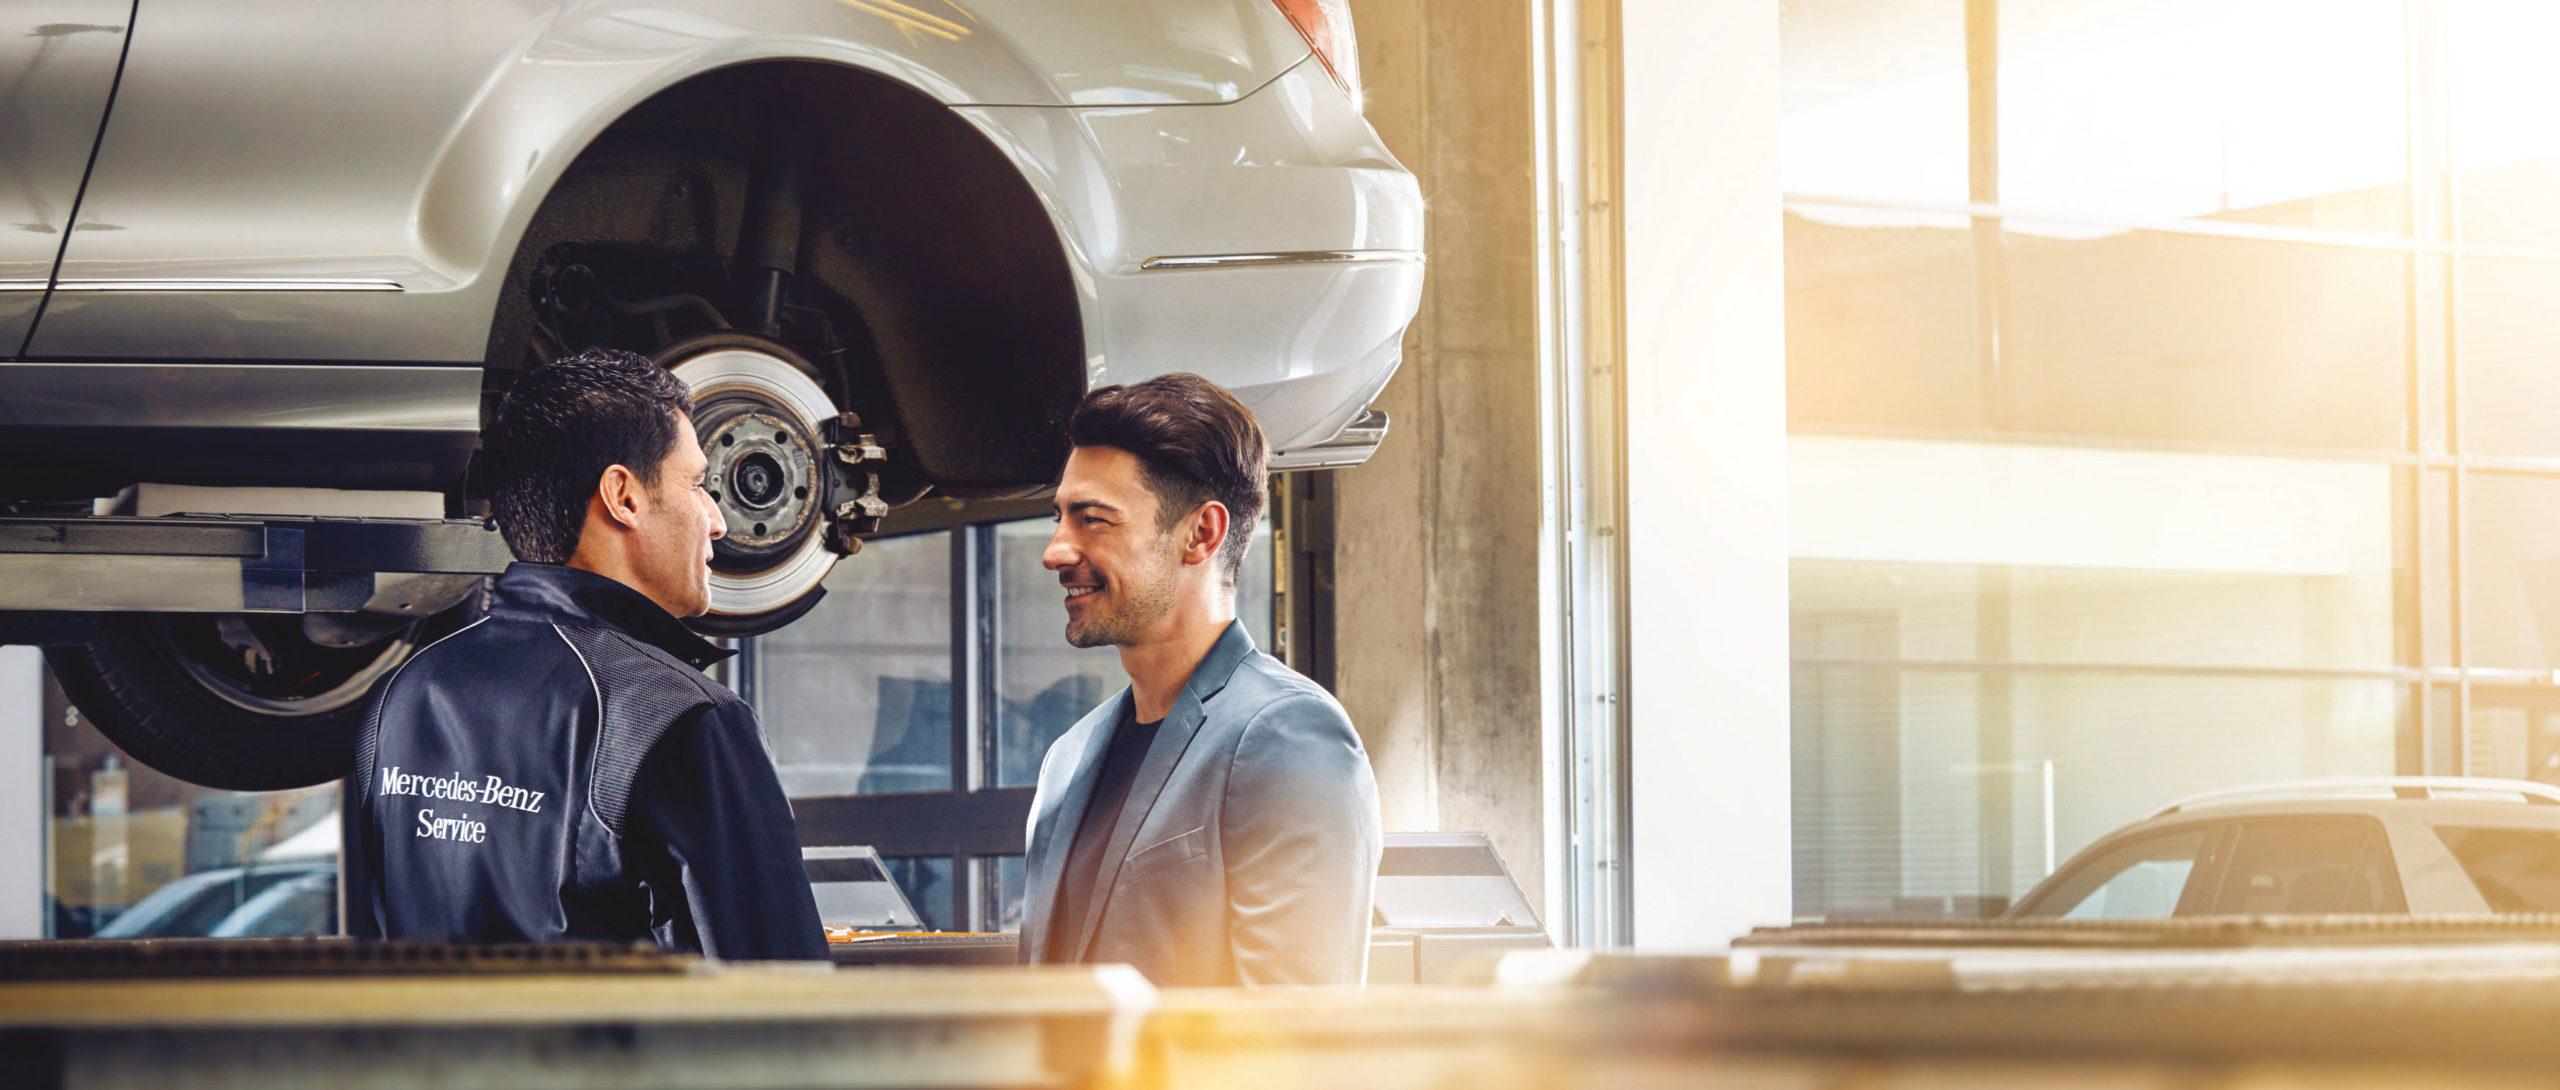 Autohaus Max Schultz Servicegarantie Bedingungen